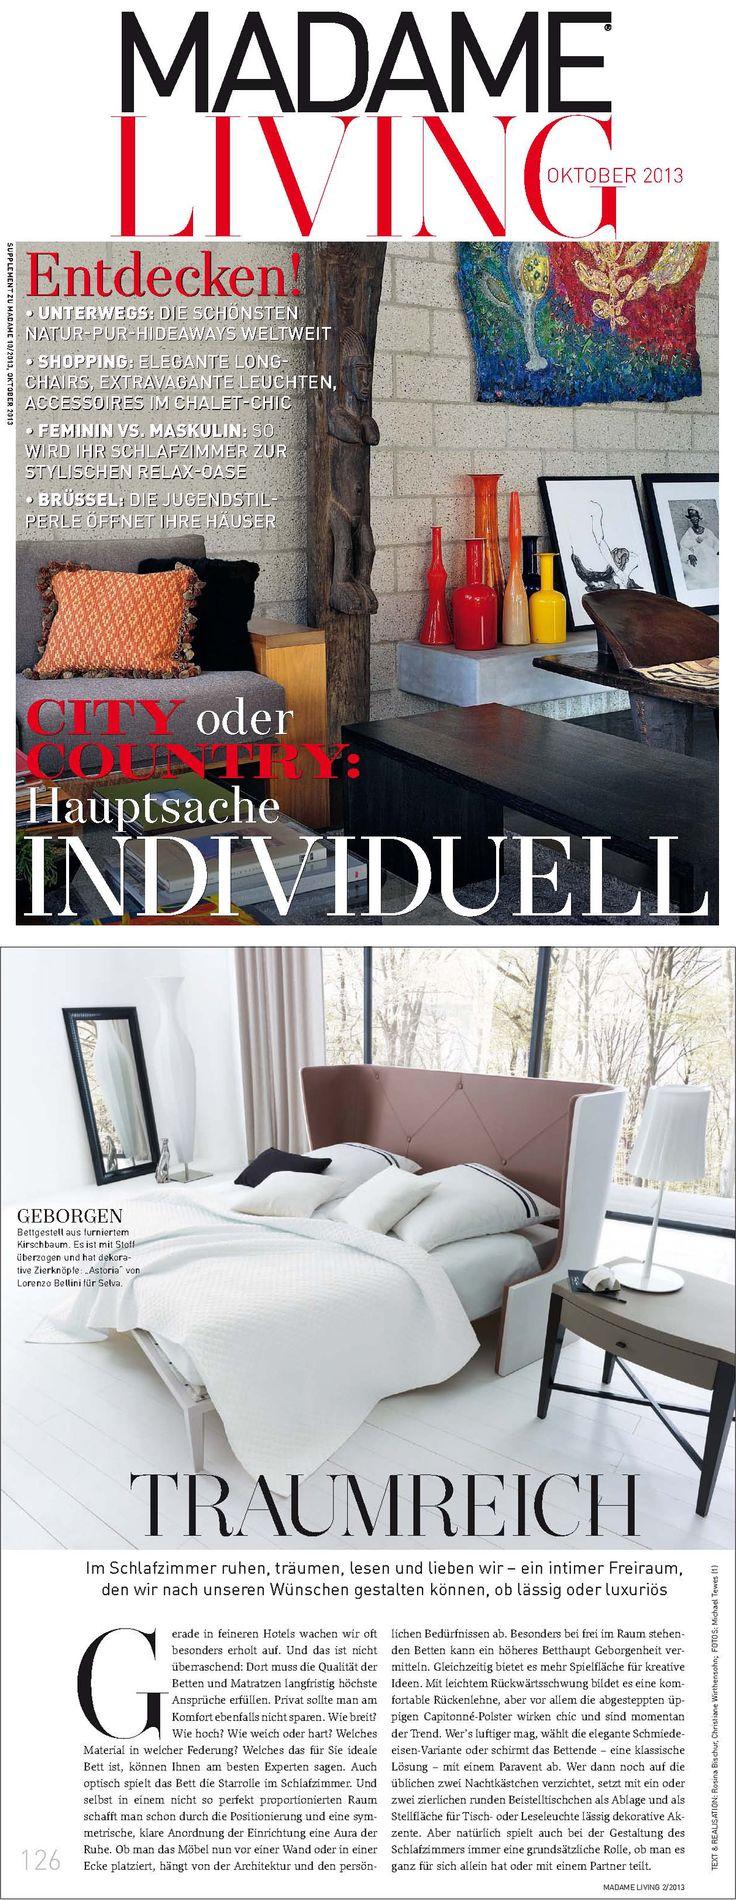 Madame Magazine, Germany - October 2013